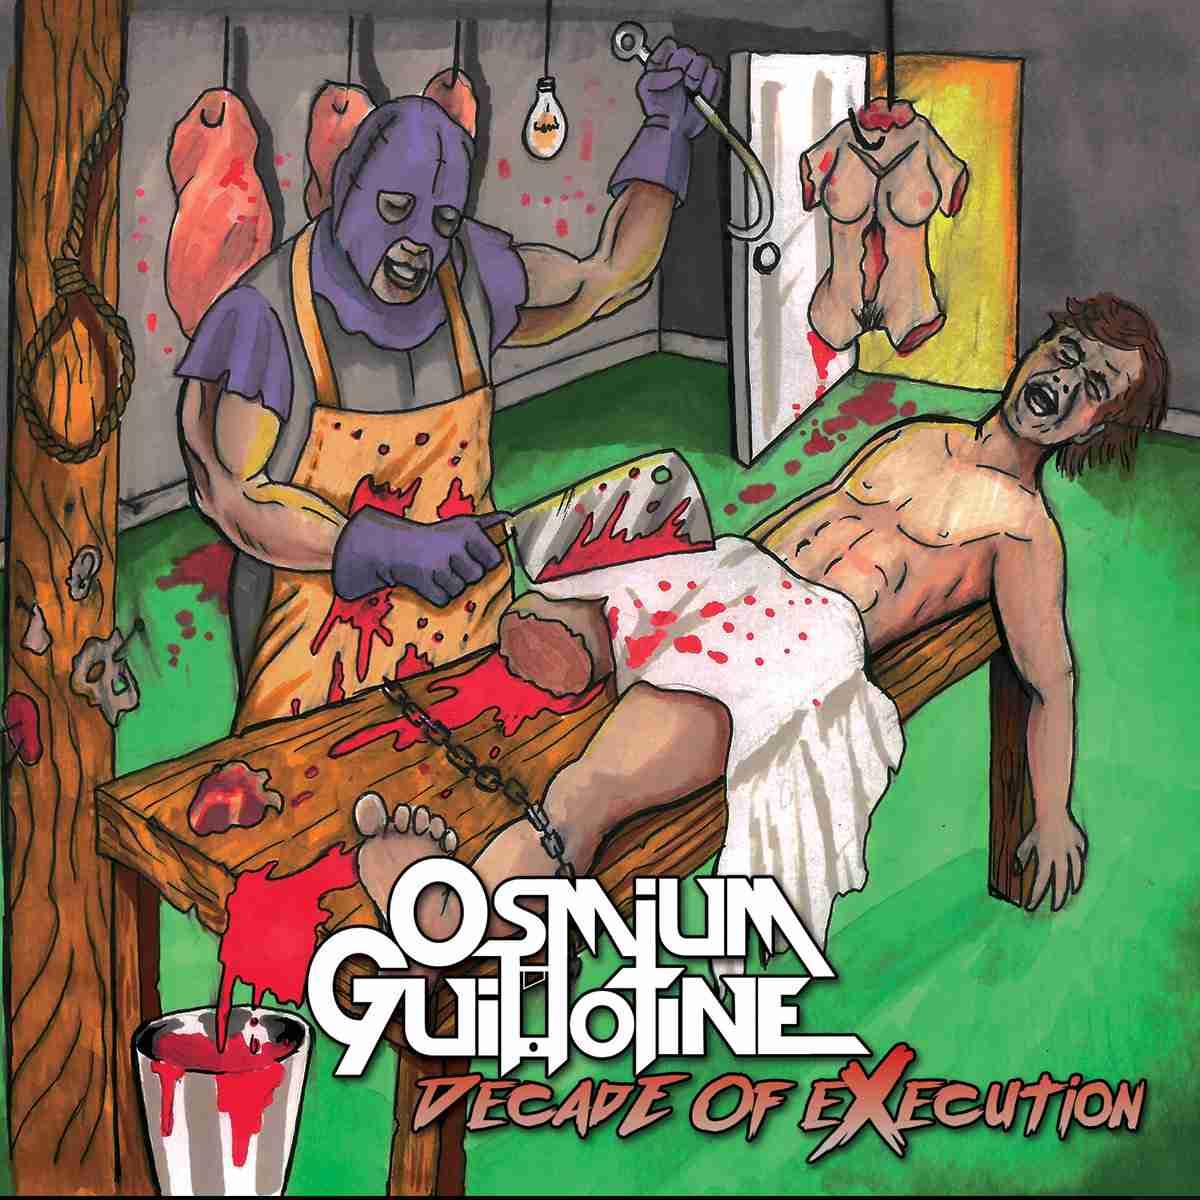 Osmium Guillotine - Decade of eXecution